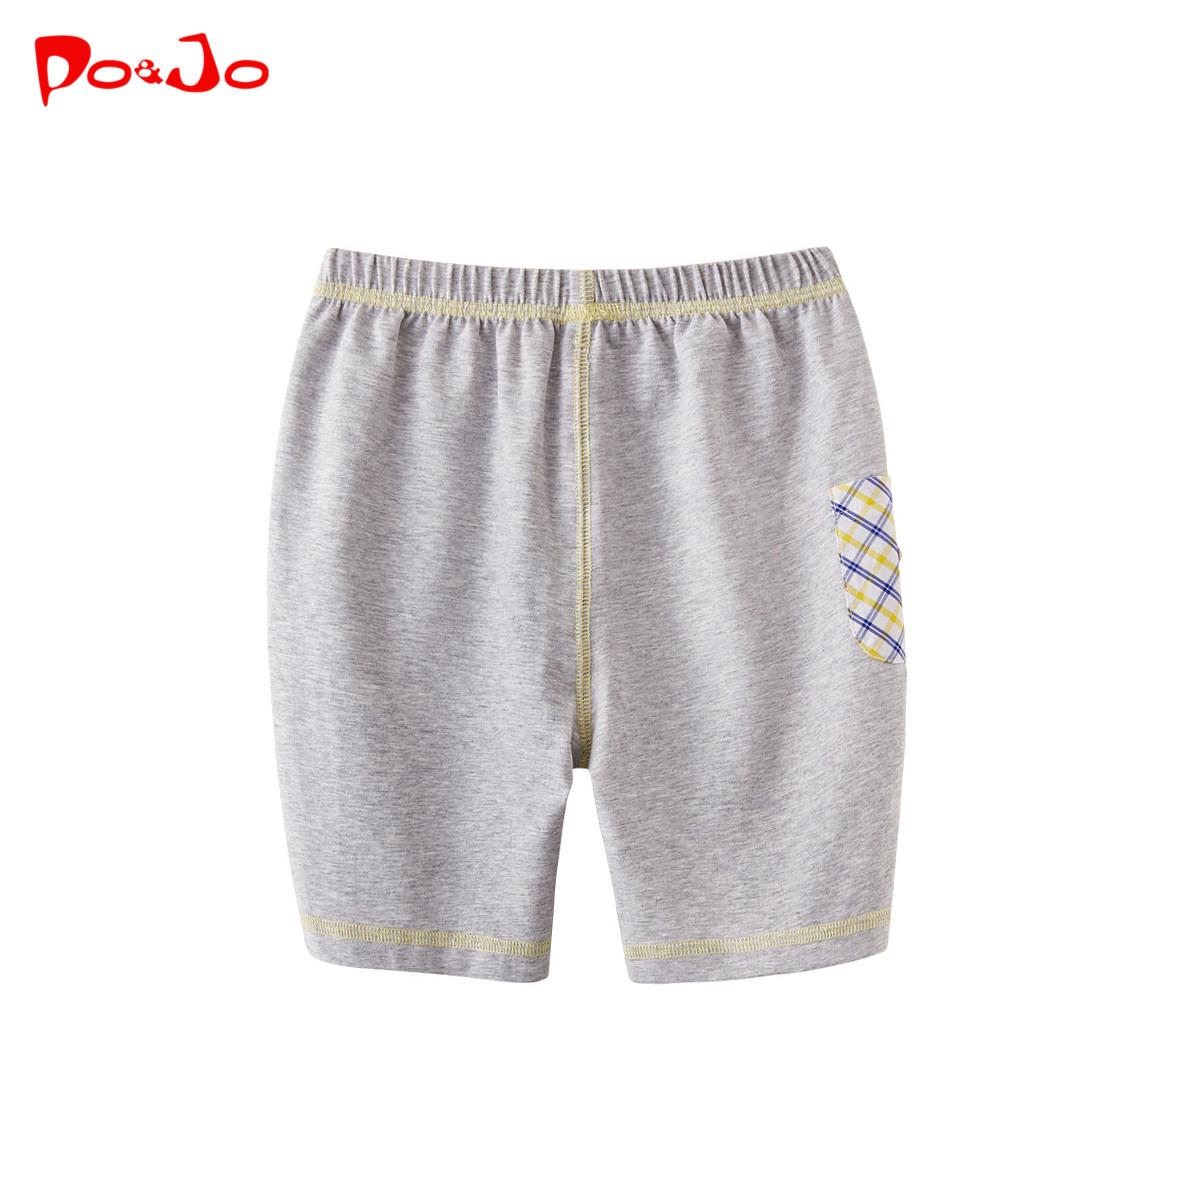 皮偌喬2016夏裝 兒 寶寶褲子 褲 褲短褲中分褲春